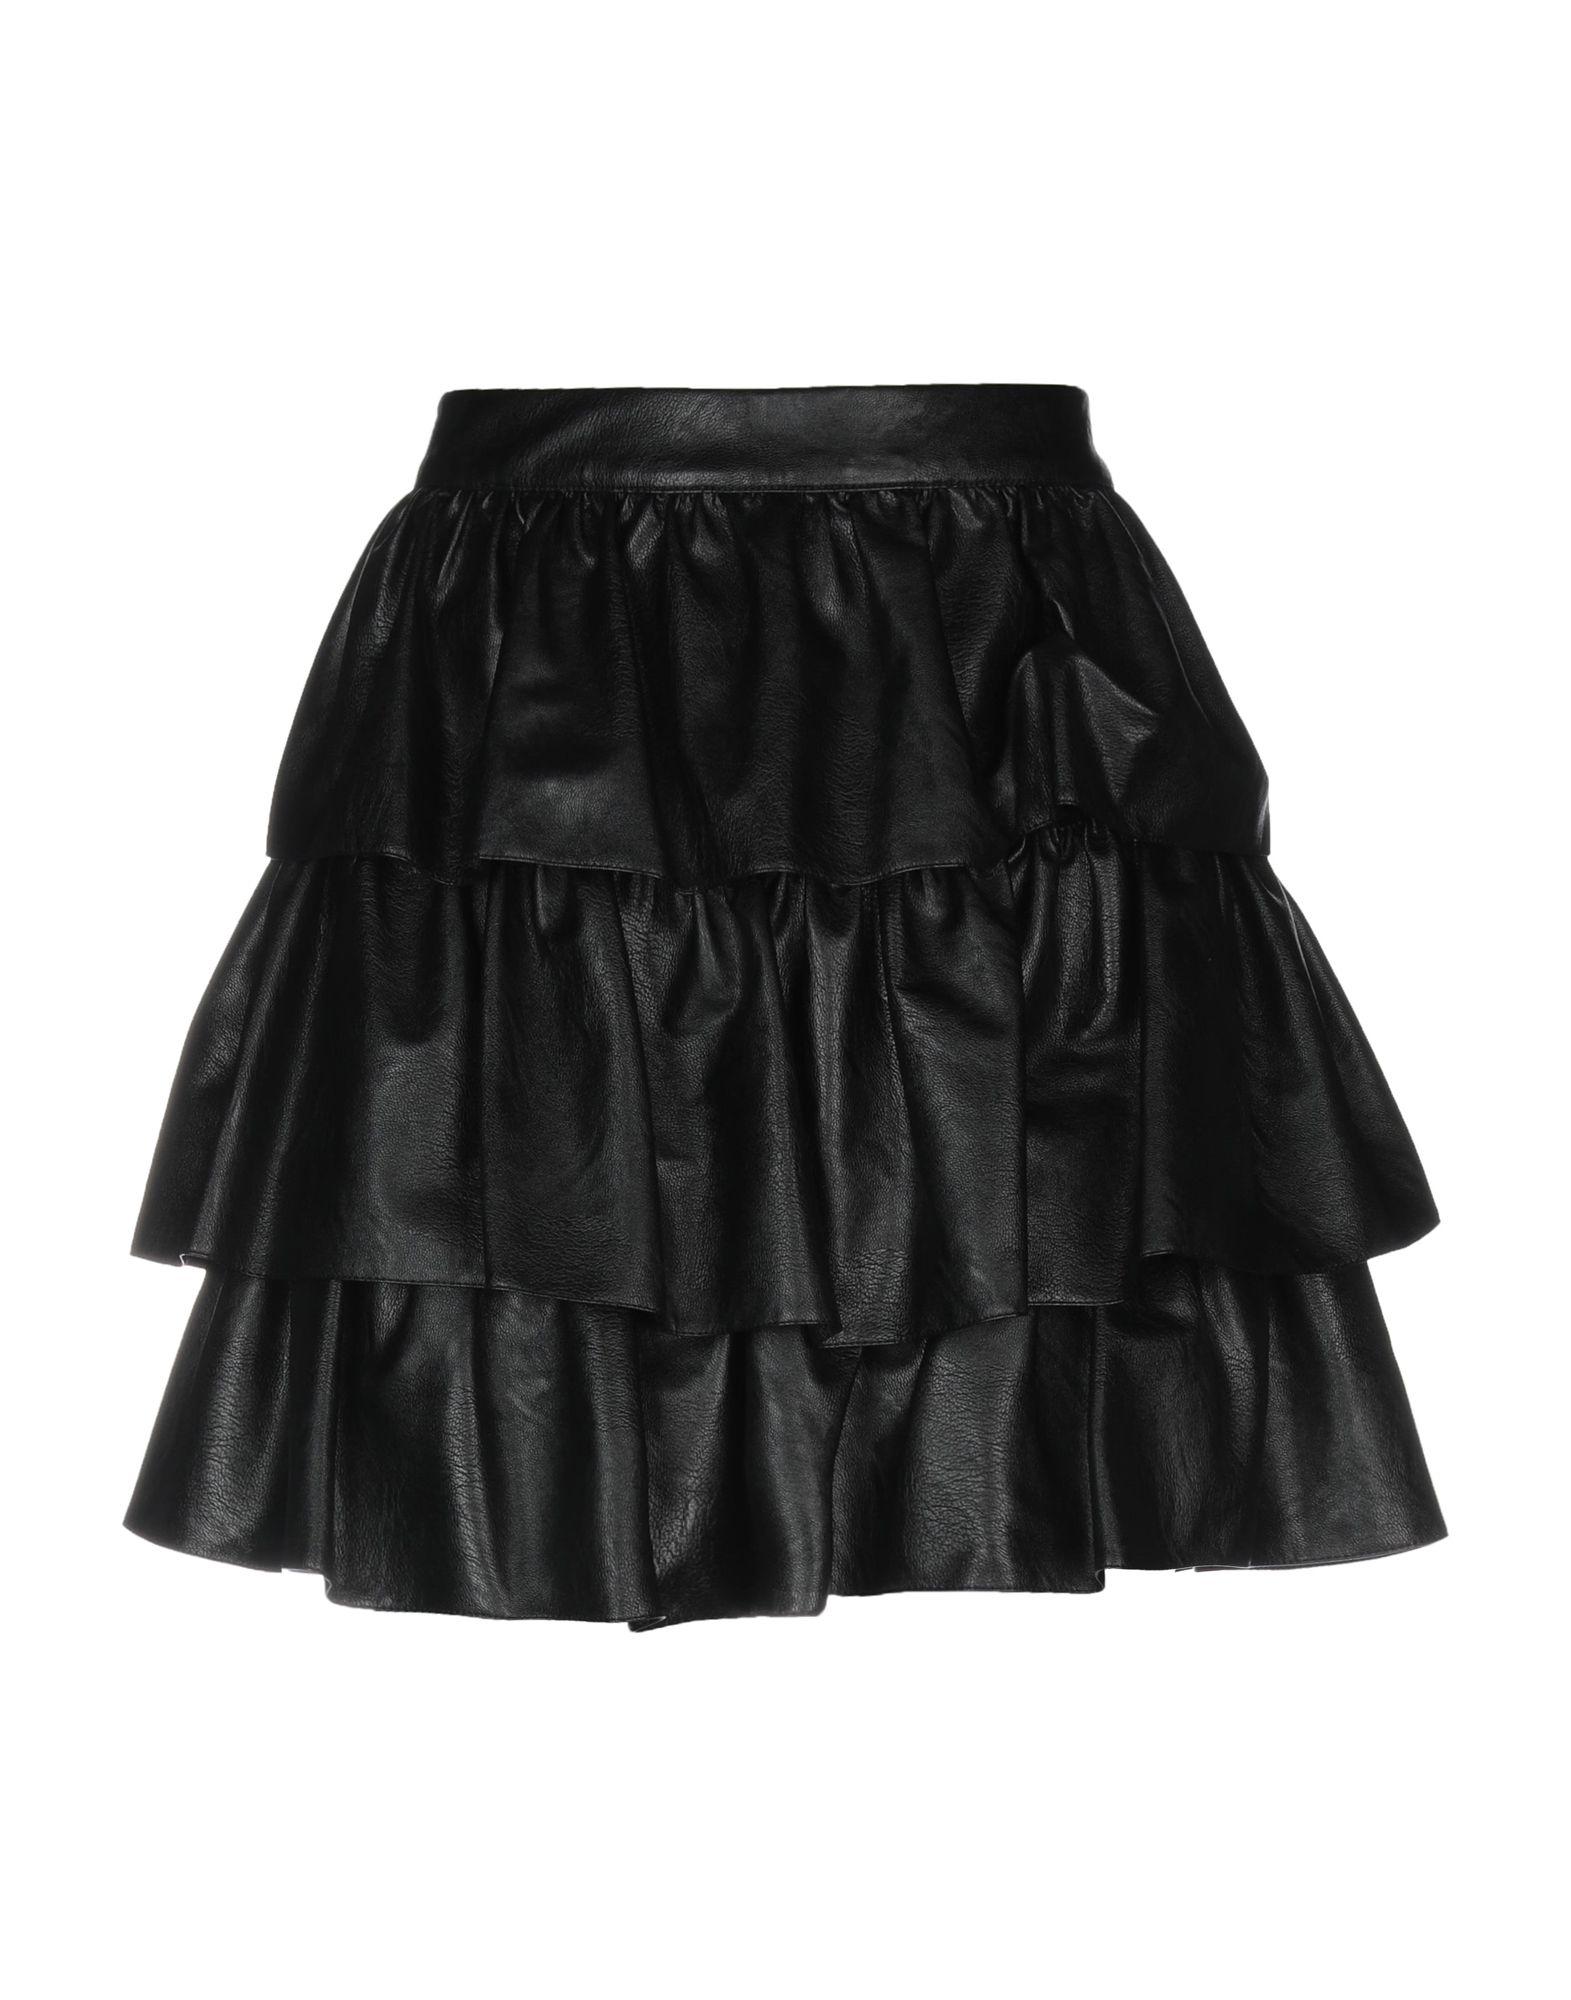 《送料無料》STELLA McCARTNEY レディース ミニスカート ブラック 40 レーヨン 100%